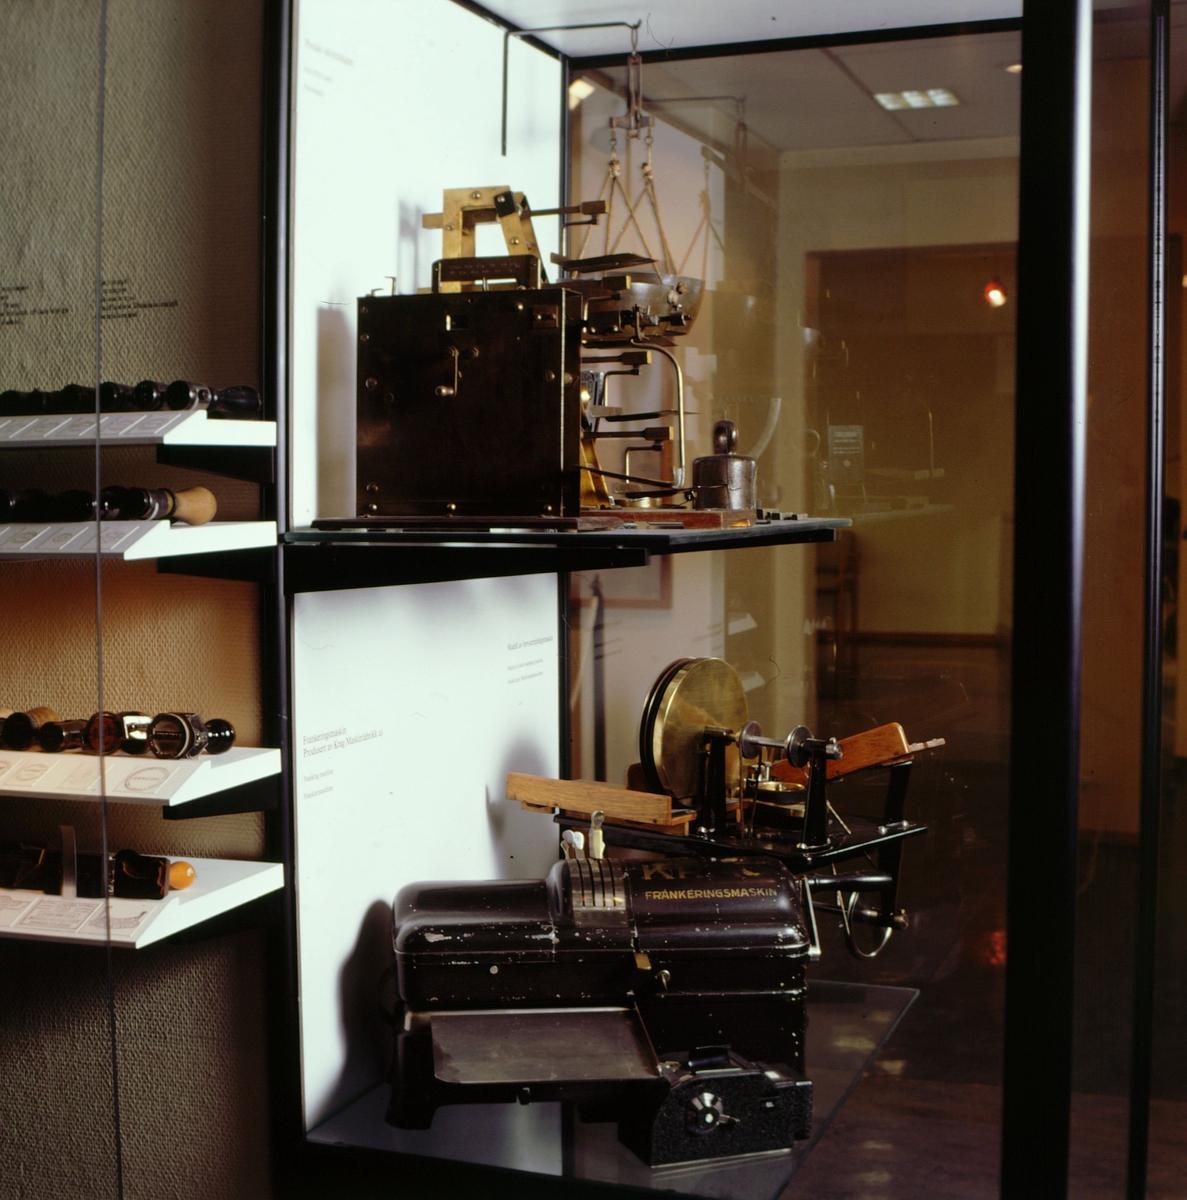 postmuseet, Kirkegata 20, utstilling, stempler, frankeringsmaskin, brevstemplingsmaskin, vekter